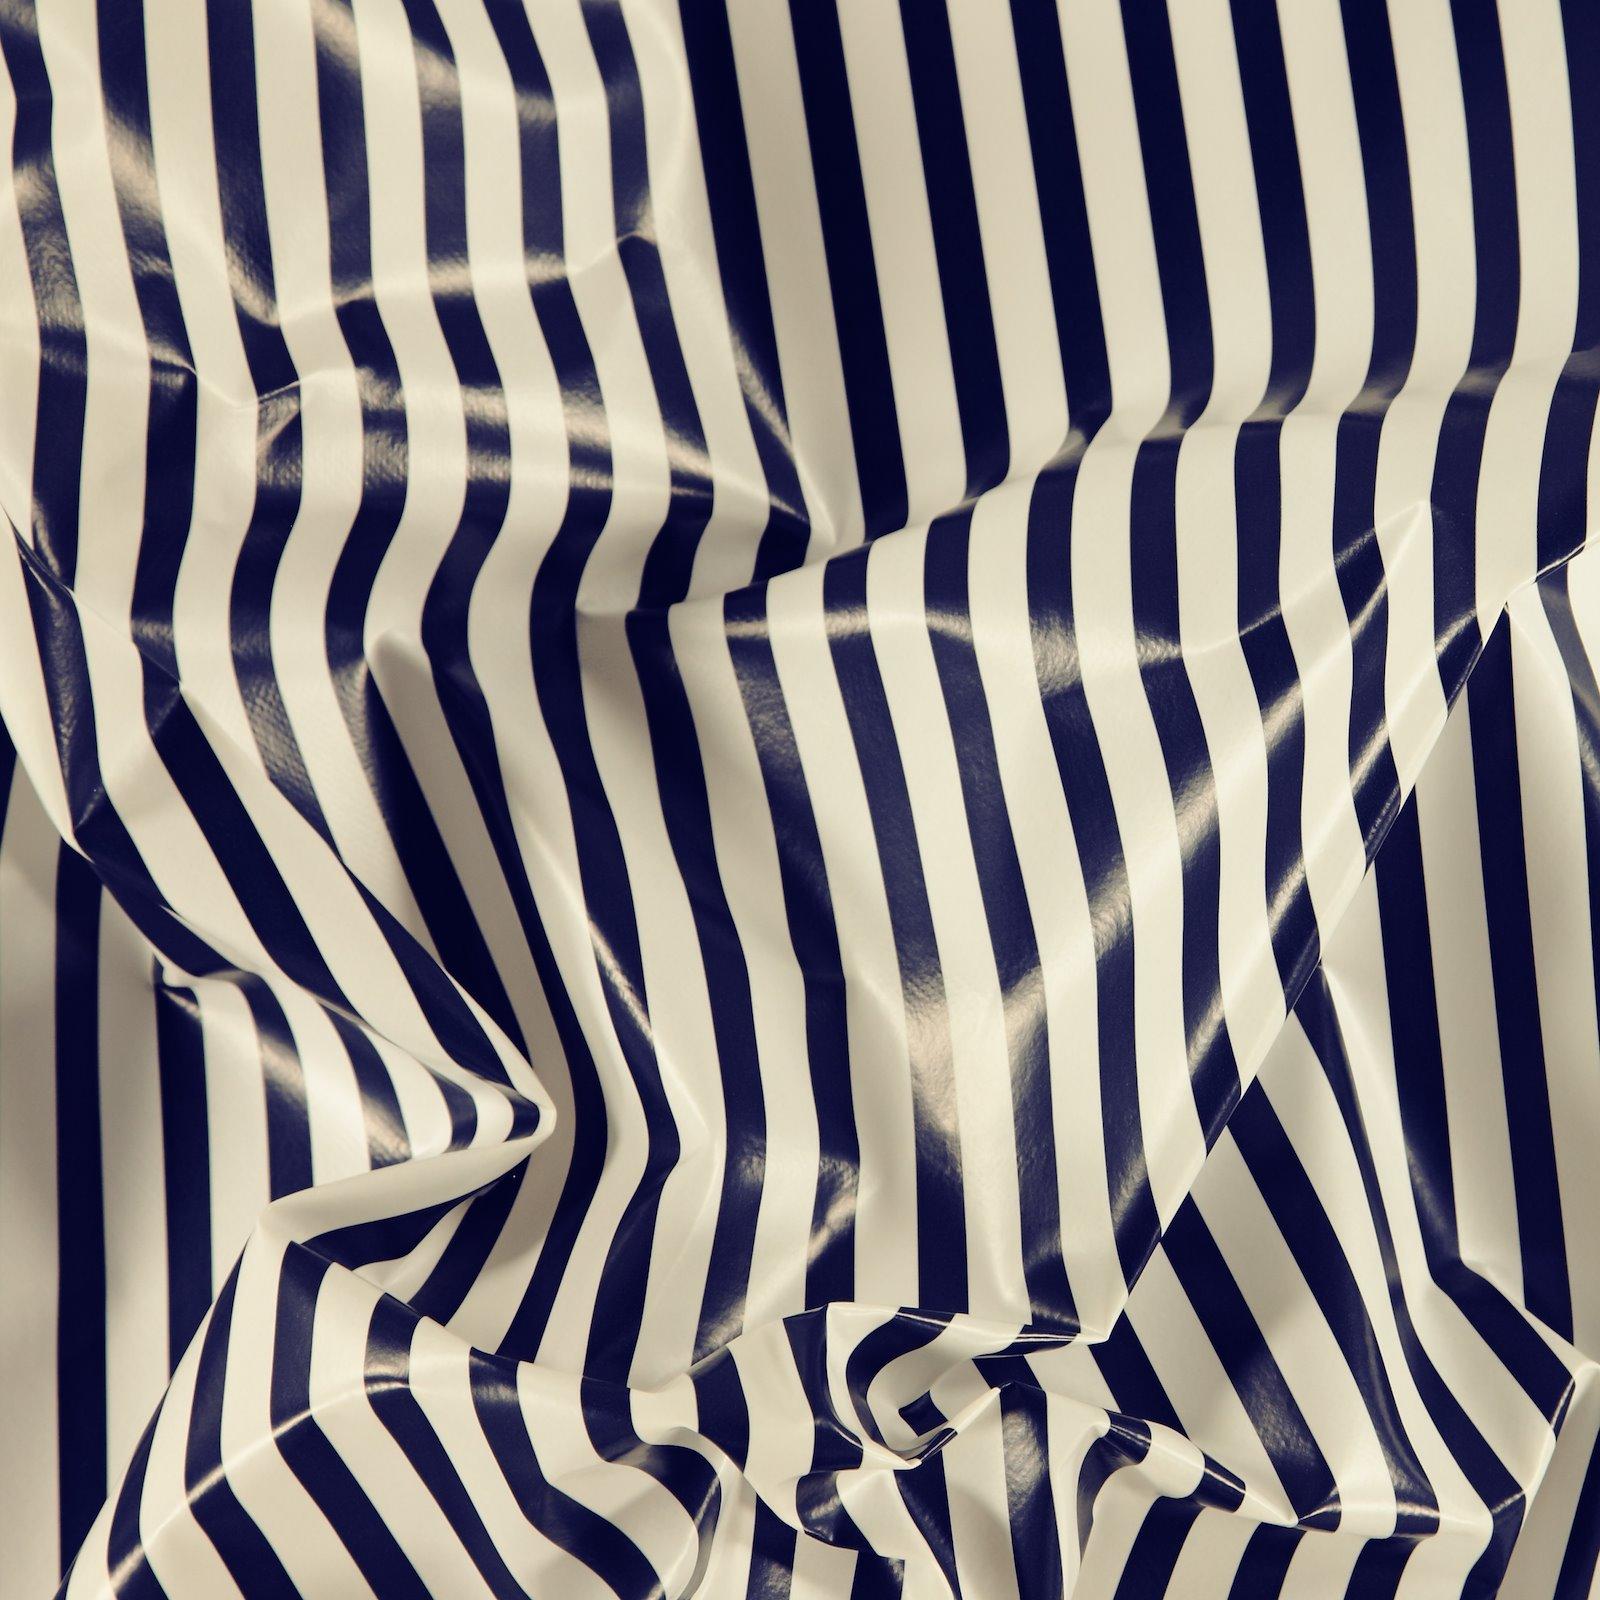 Non-woven oilcloth navy/white stripes